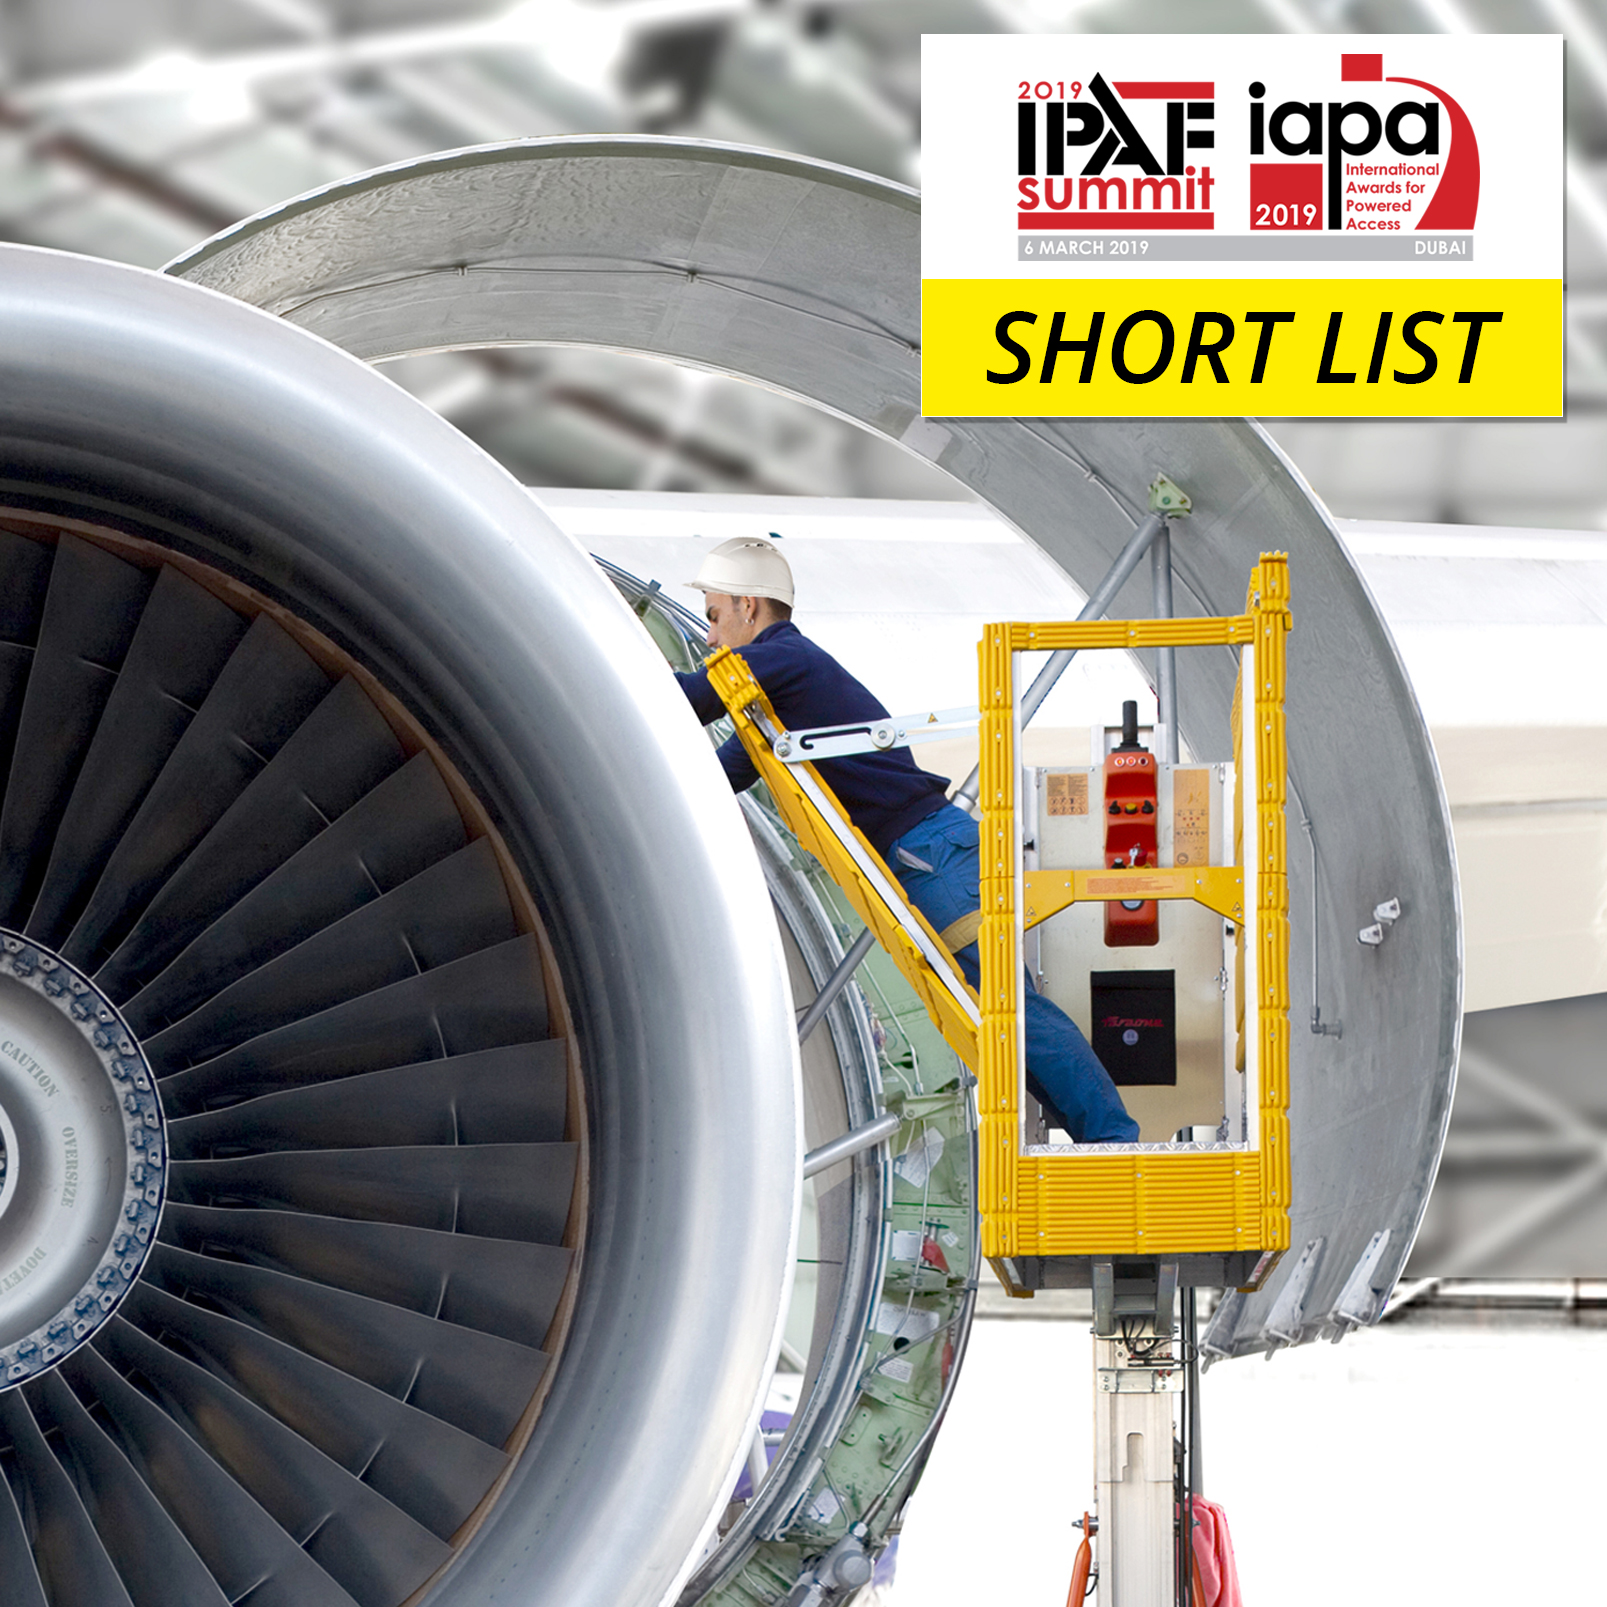 Tortoreto - Faraone nella short list degli Iapa Awards 2019 eccellenza nel settore dei mezzi di accesso aereo